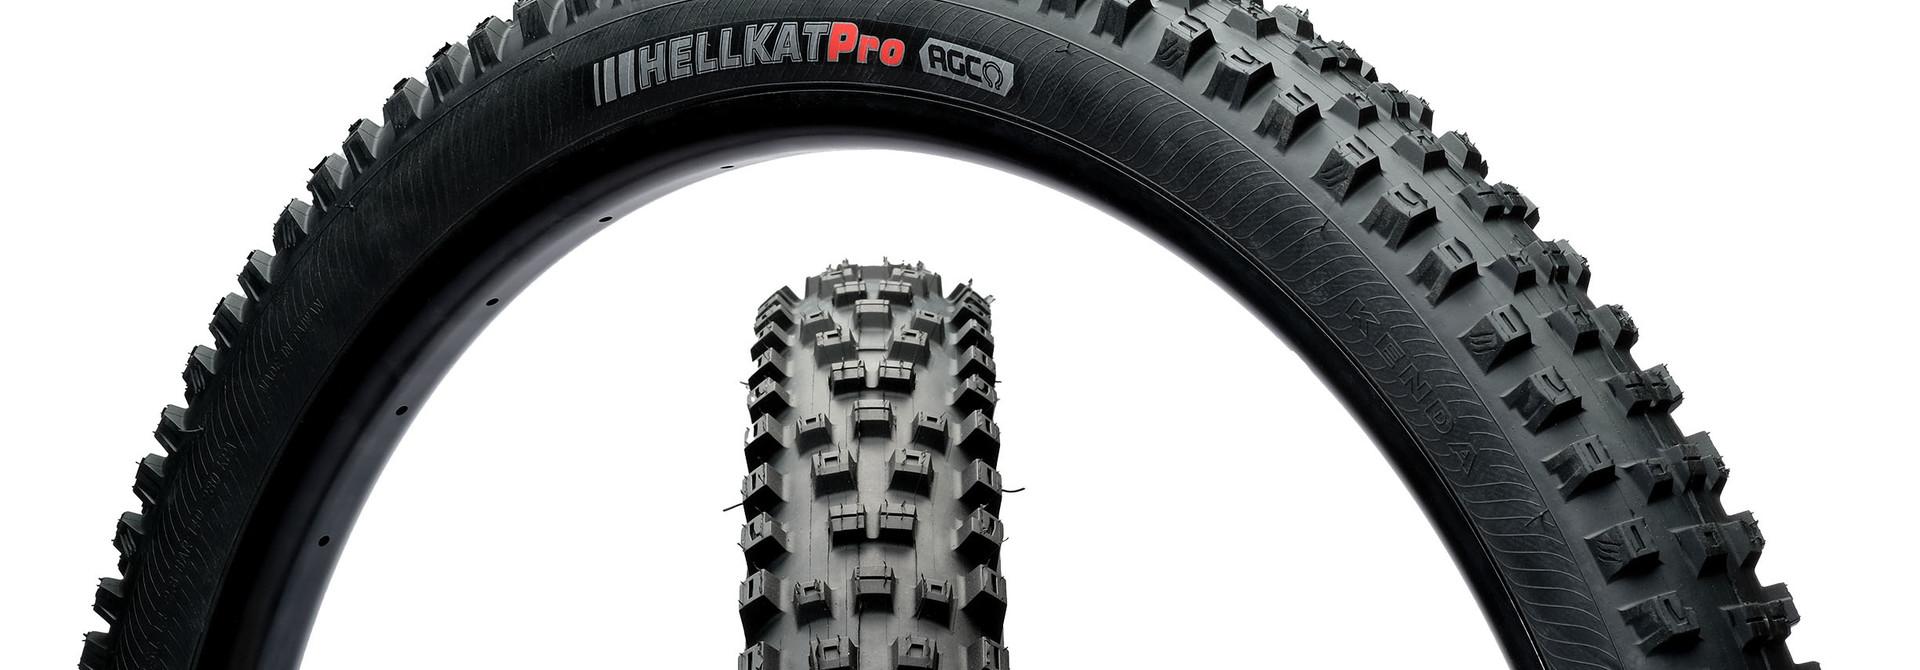 Kenda, Hellkat, Tire, 29''x2.40, Folding, Tubeless Ready, EN-ATC, 120TPI, Black